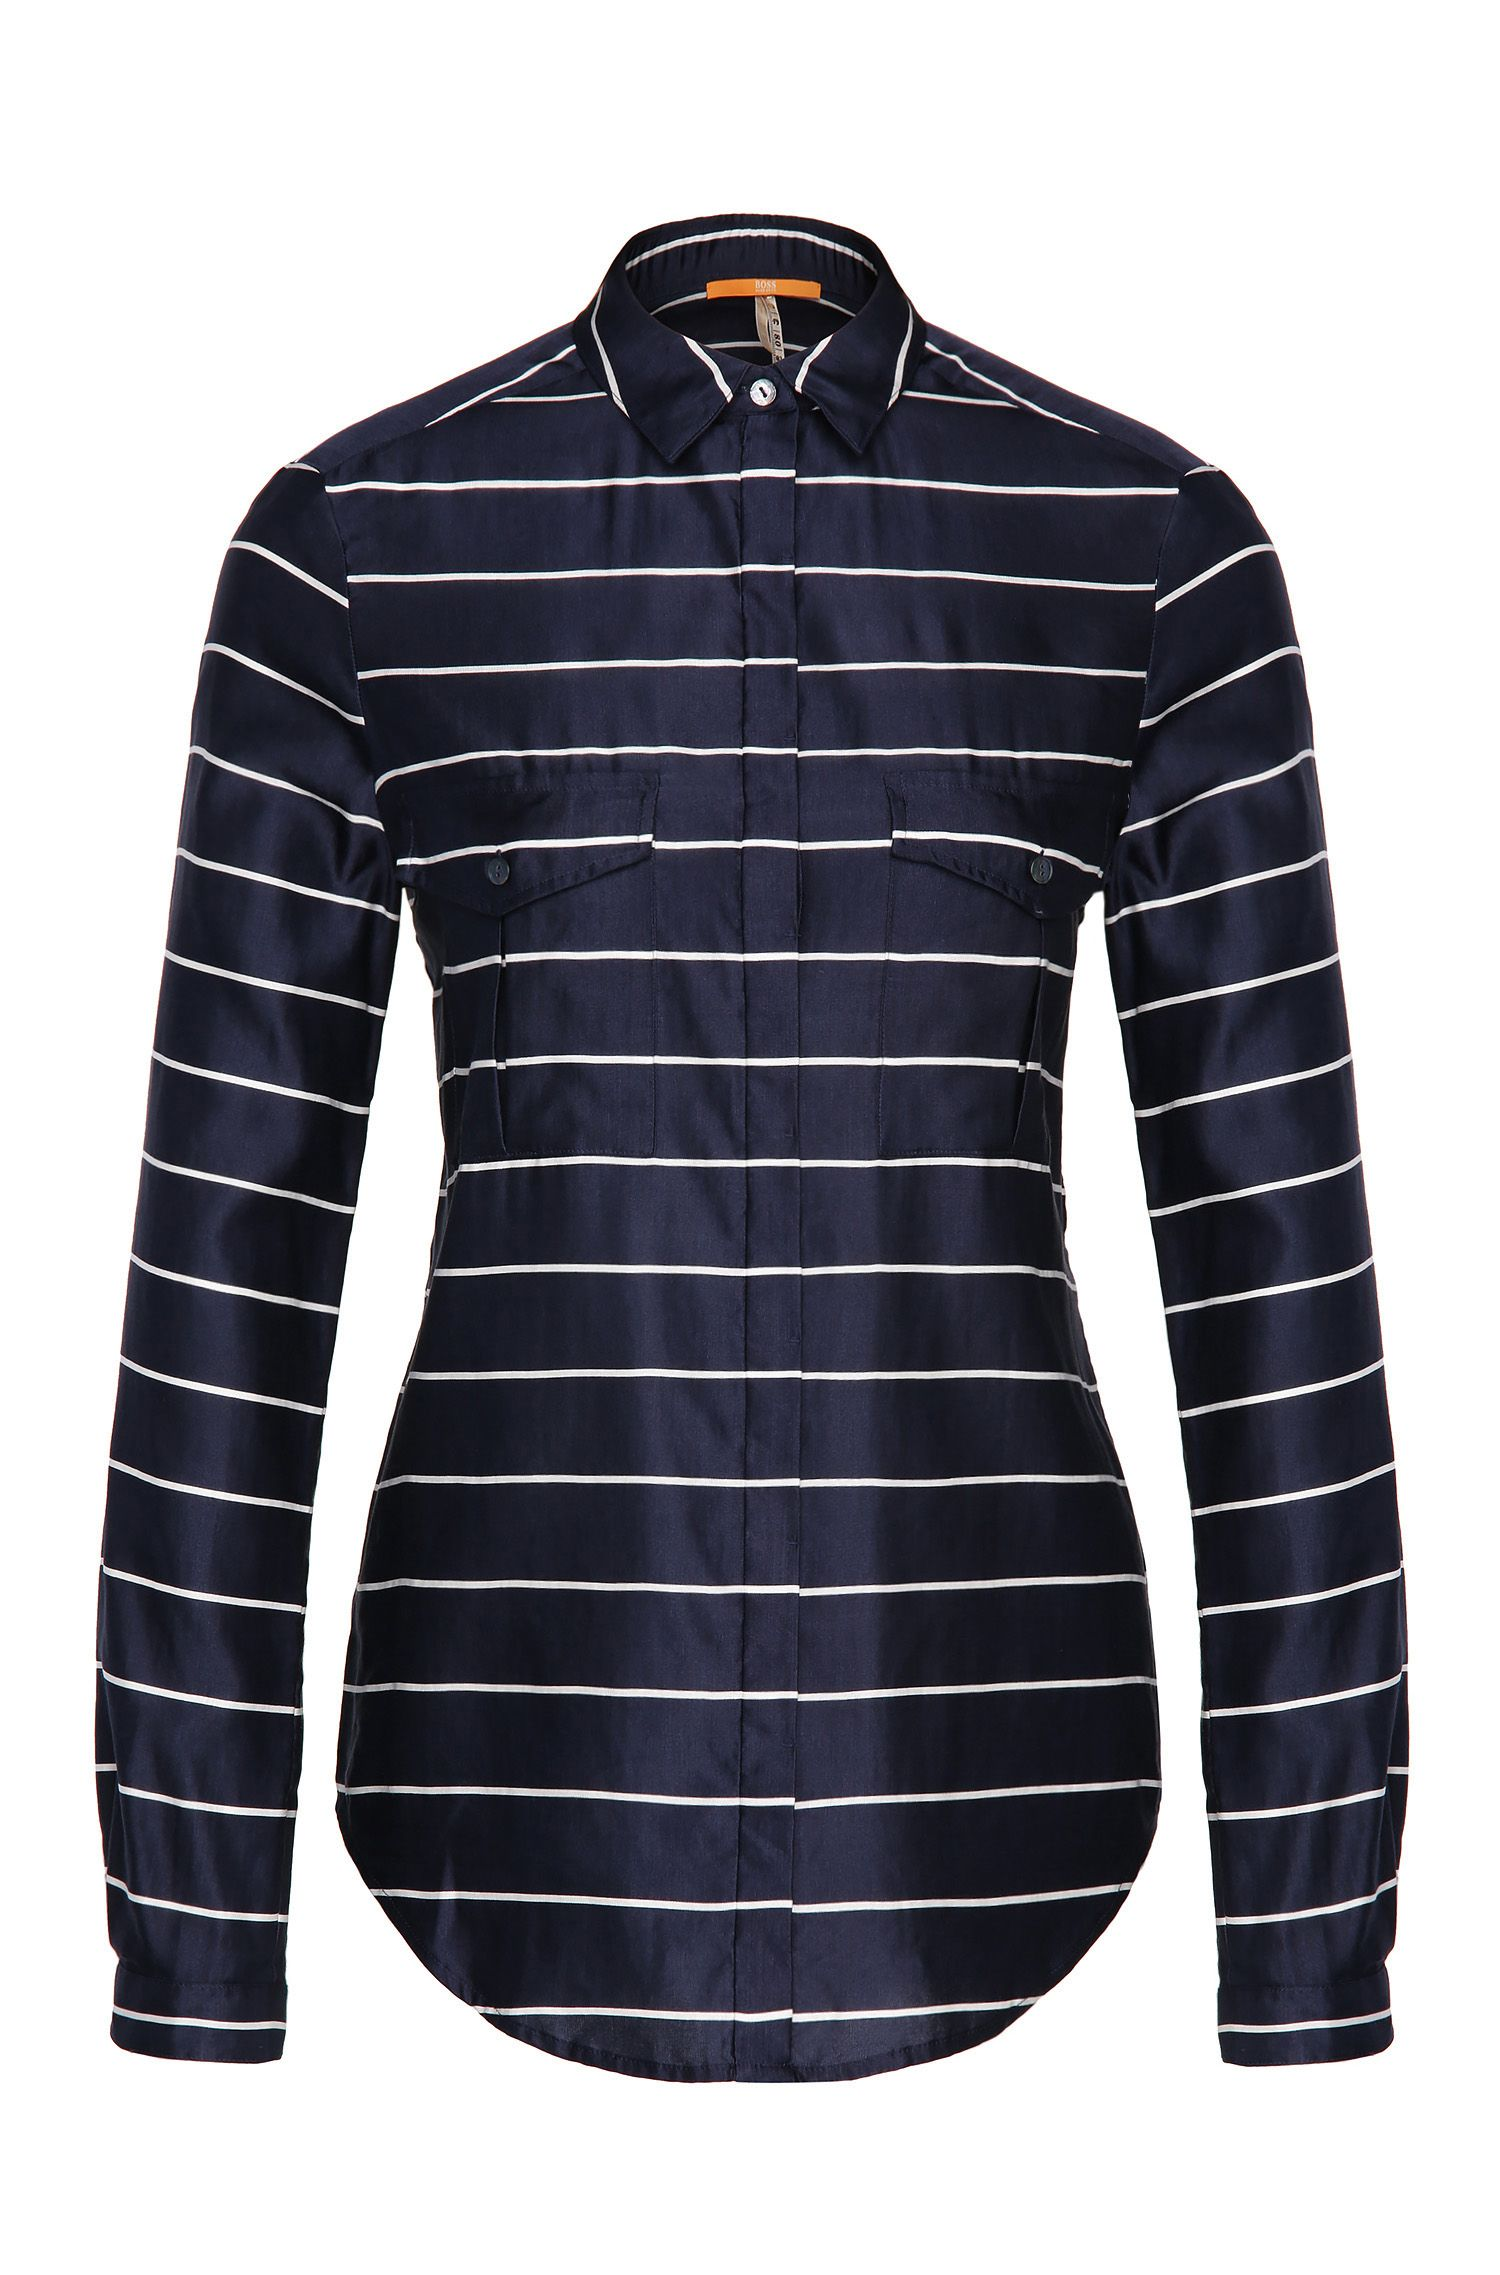 Blusa relaxed fit de rayas en algodón y seda: 'Emilitye_8'